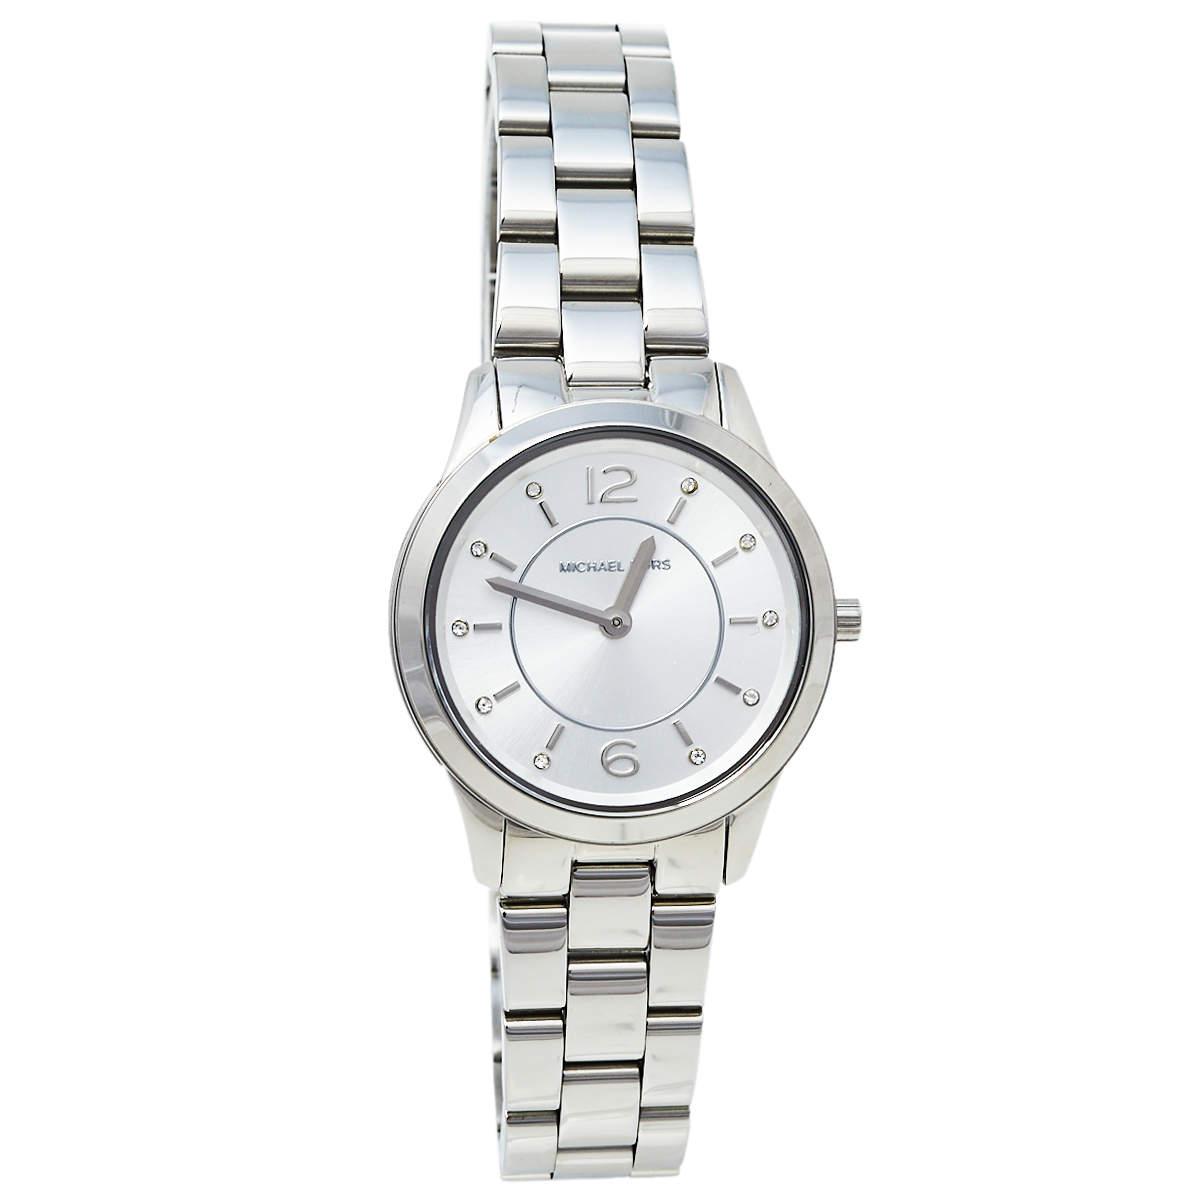 ساعة يد نسائية مايكل كورس رونواي إم كيه6610 ستانلس ستيل فضية 28 مم